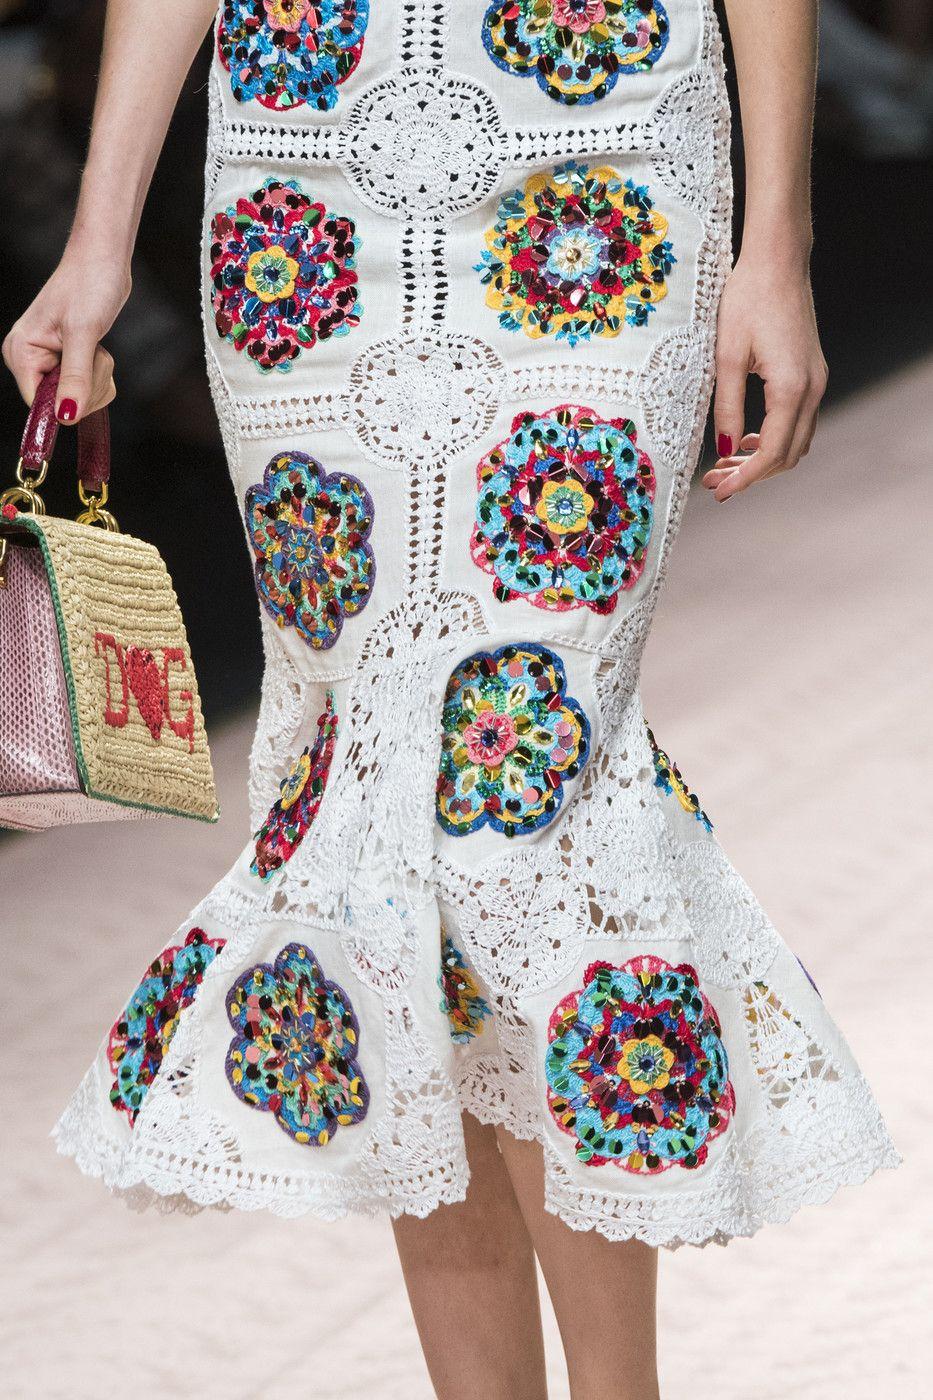 Dolce & Gabbana at Milan Fashion Week Spring 2019   Crochet